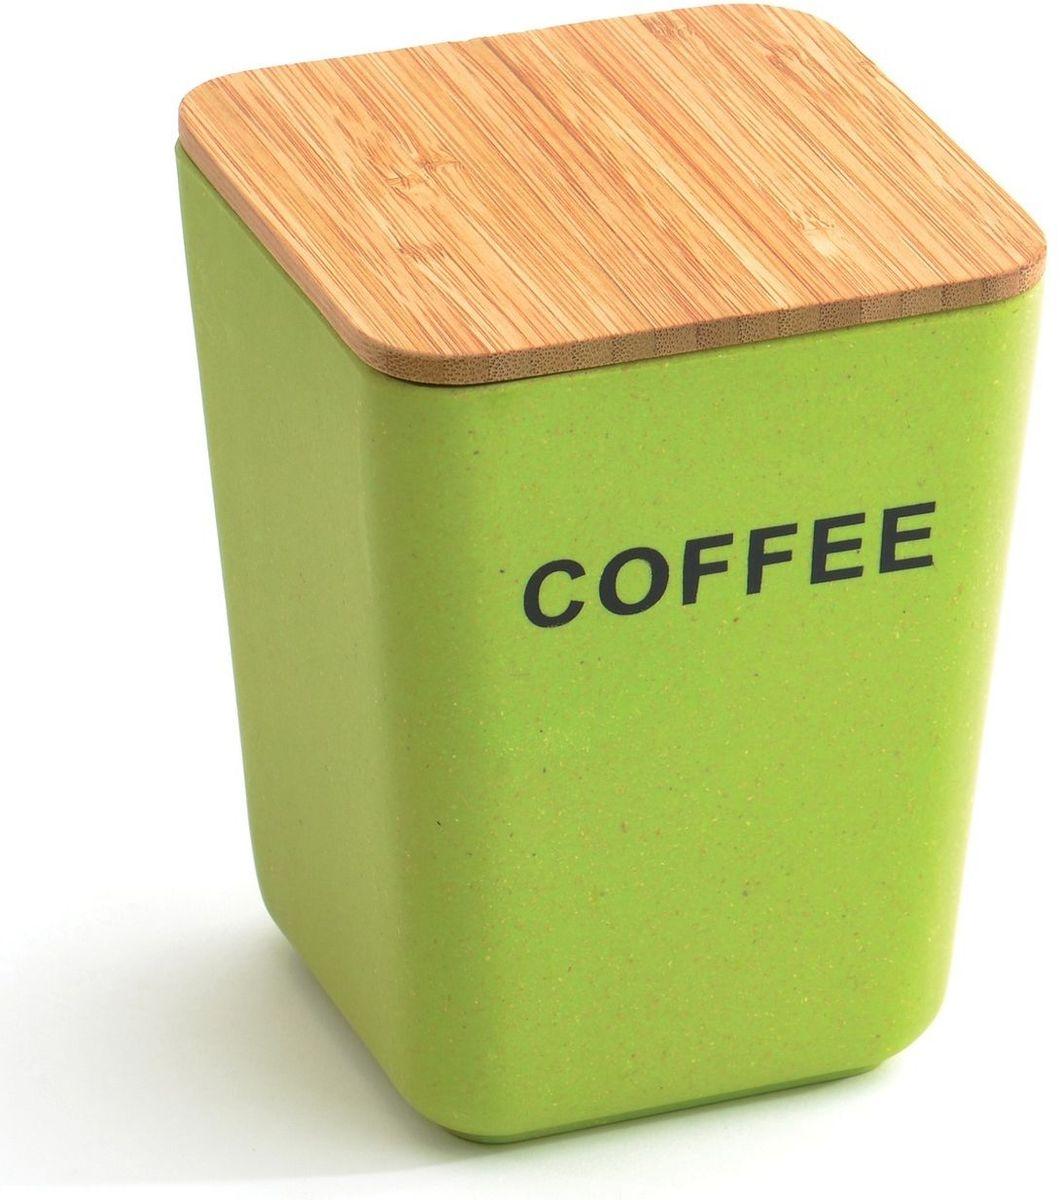 Банка для хранения кофе BergHOFF Cook&Co, с крышкой, 1,2 л26146Банка с крышкой BBergHOFF Cook&Co – это стильная банка, которая идеально подойдет для хранения кофе. Банка имеет прямоугольную форму и изготовлена из бамбукового волокна и безопасного меламина. Она прочная, стильная и яркая, благодаря чему впишется в любой интерьер. Крышка выполнена из бамбука. Банку можно мыть в посудомоечной машине. Благодаря экологическому материалу банка от компании BergHOFF идеально подойдет для хранения любых сыпучих продуктов.